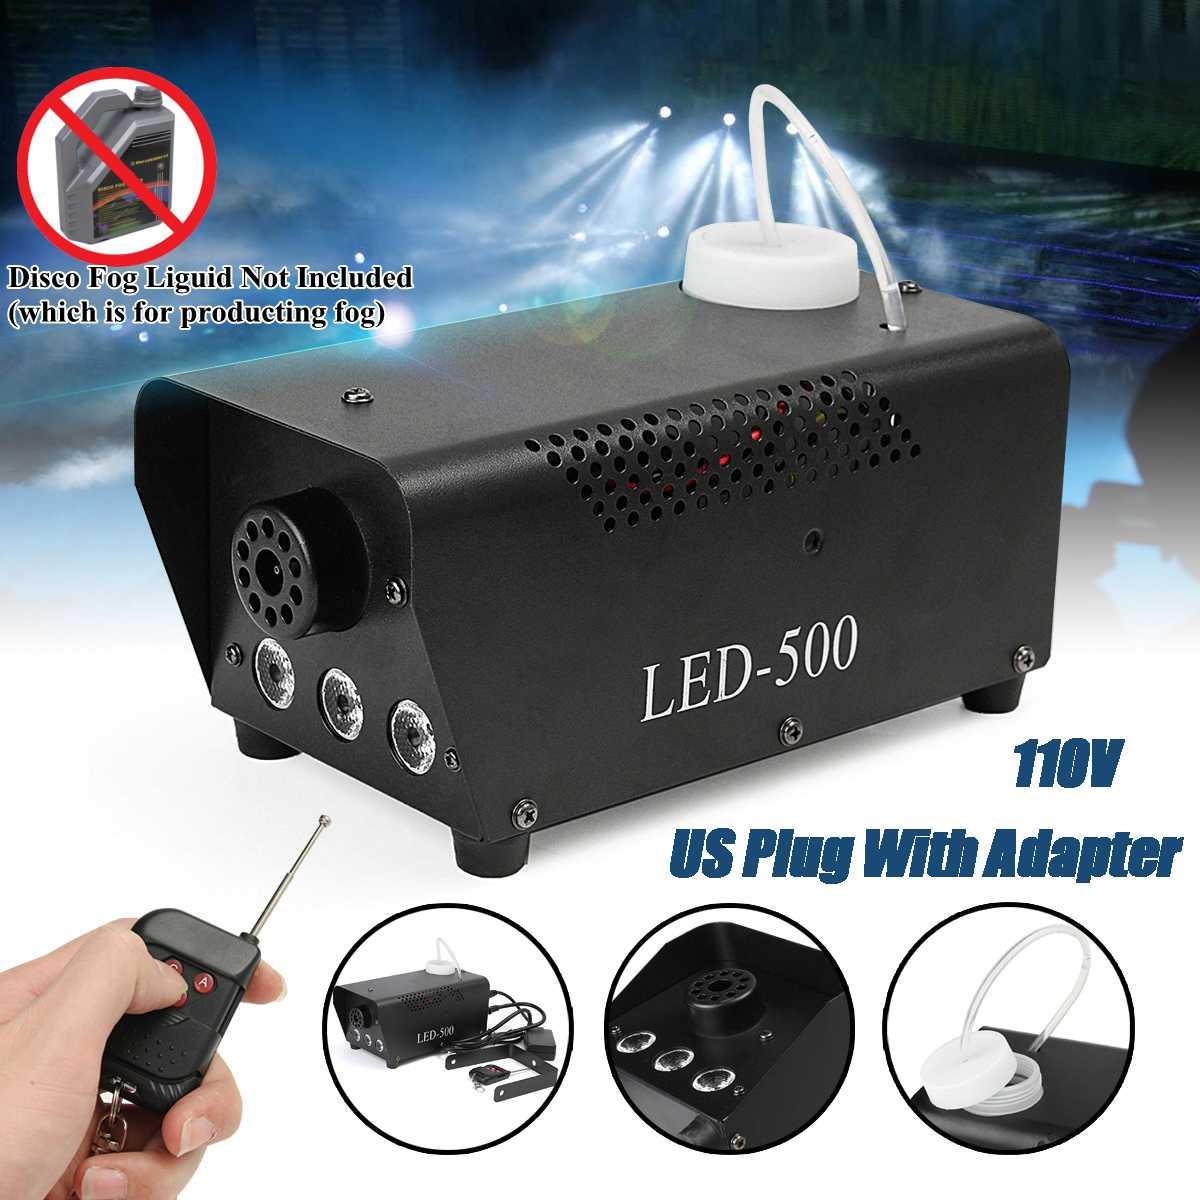 500W bezprzewodowa maszyna do mgły dymu RGB LED Remote DJ dyskoteka oświetlenie do klubu białe światło dymu